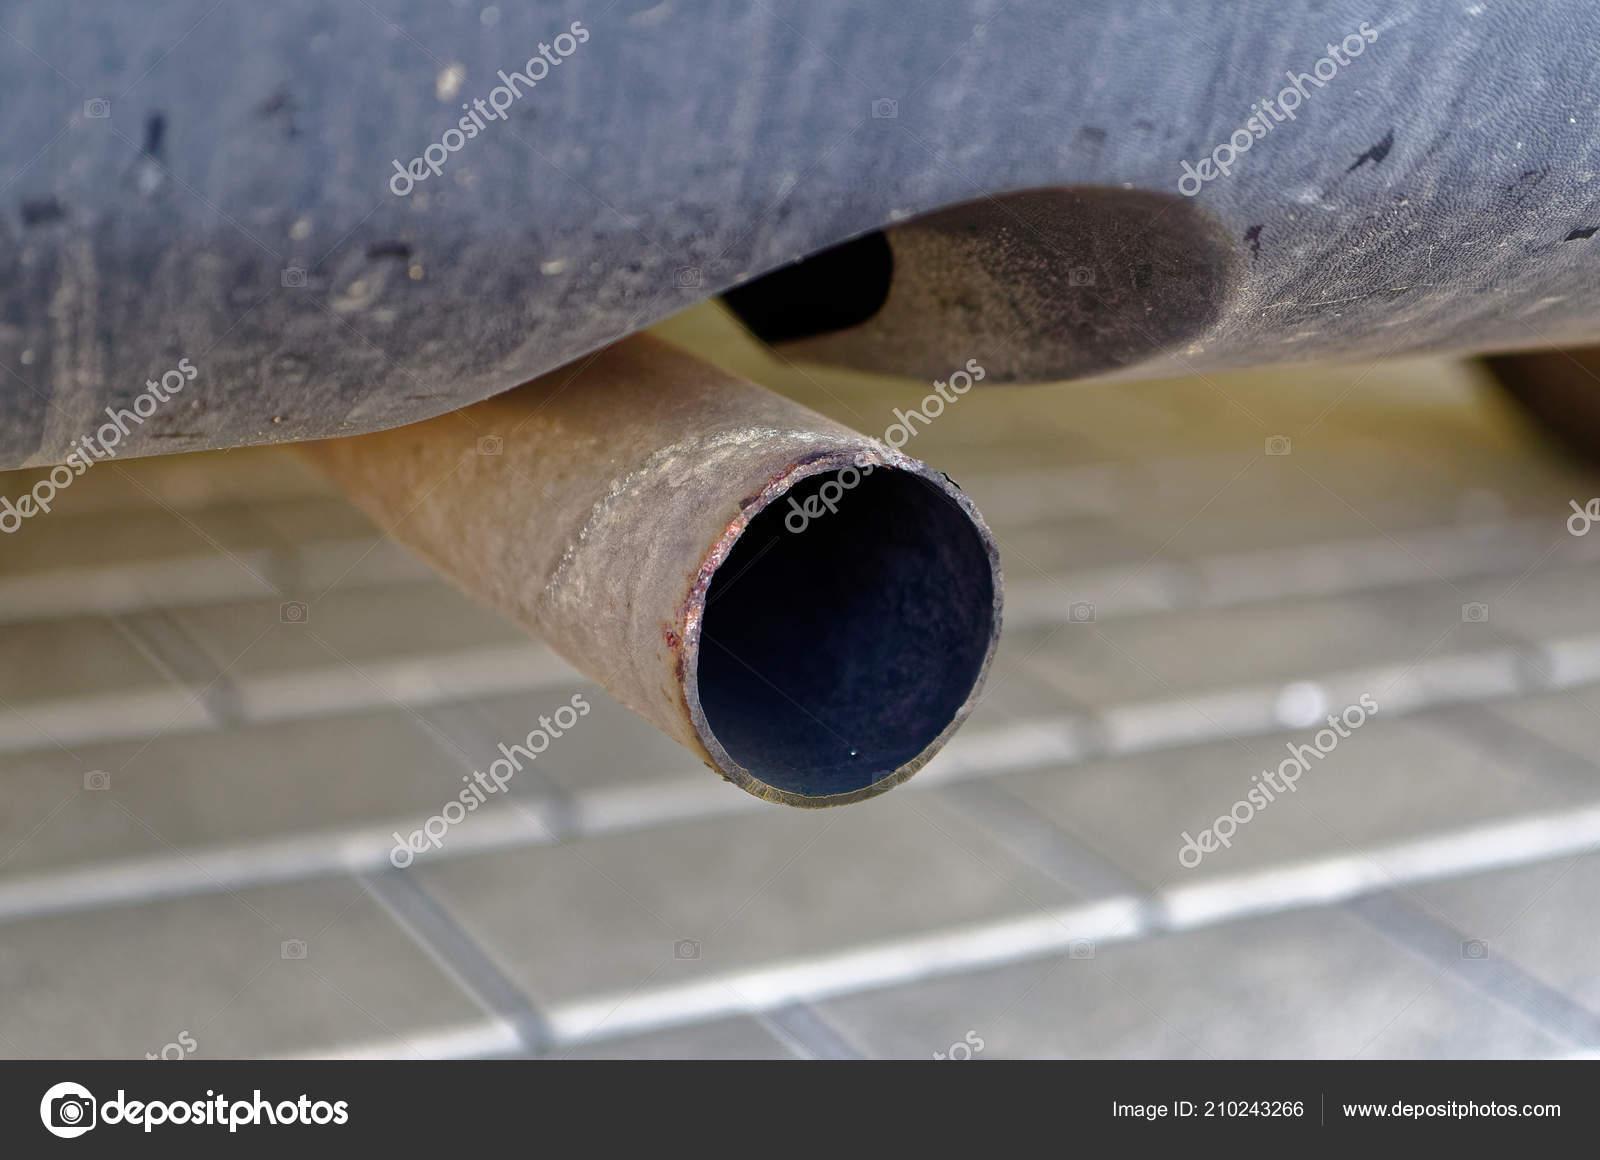 Exhaust Diesel Car Illustrate Diesel Exhaust Carbon Dioxide